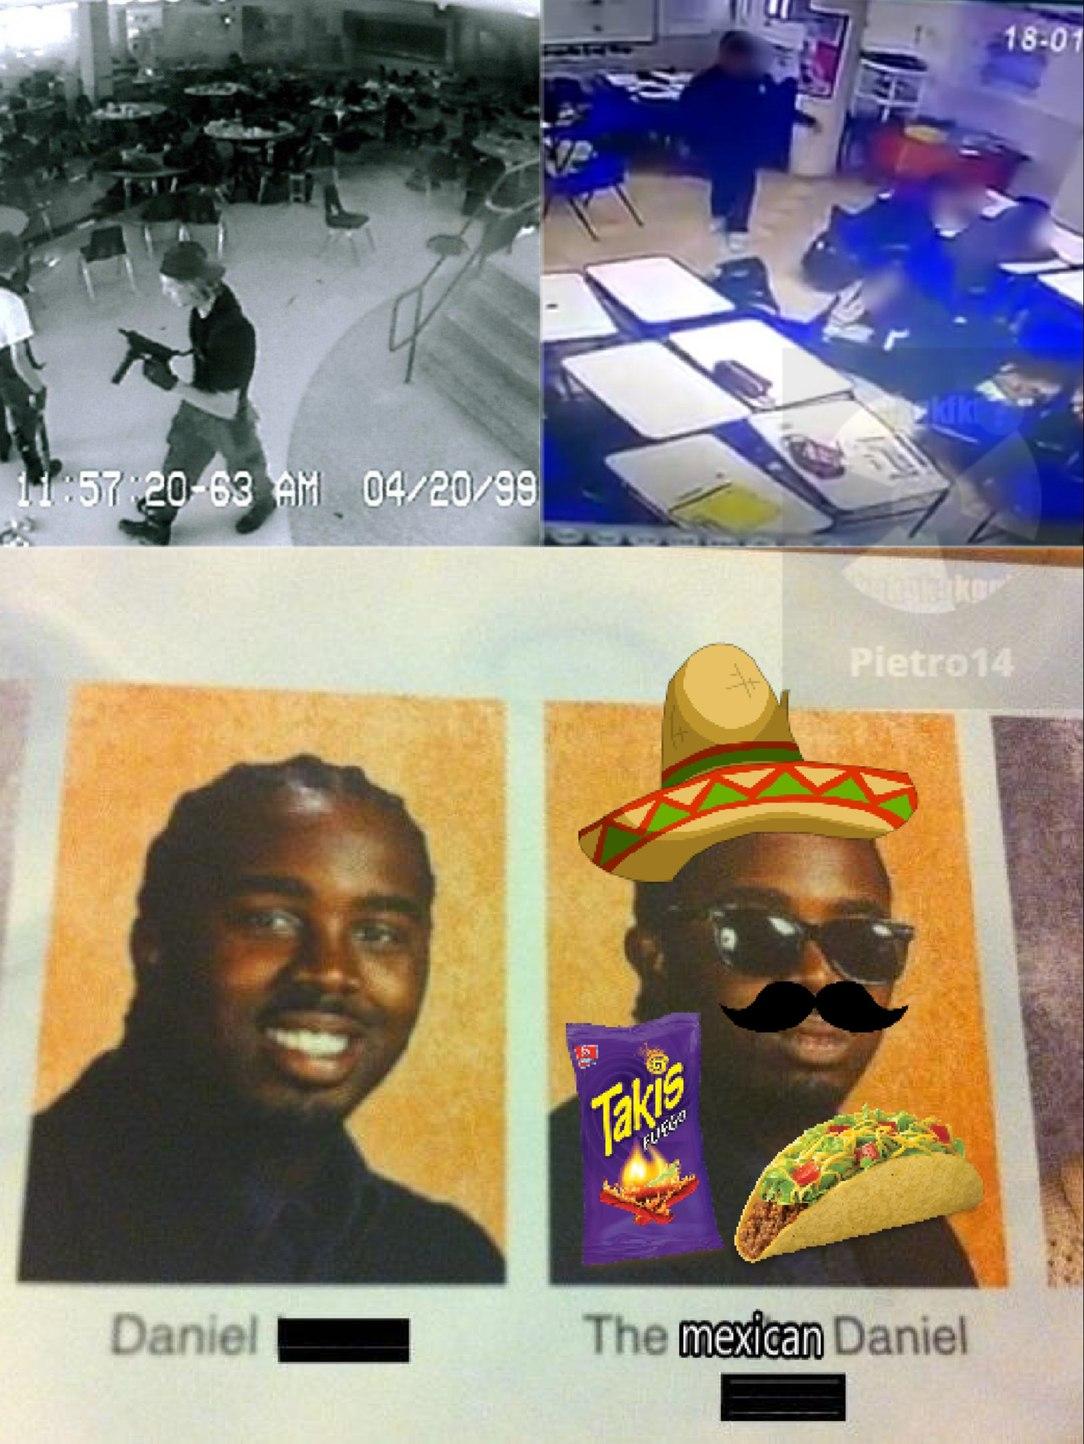 los mexicanos tiroteando - meme